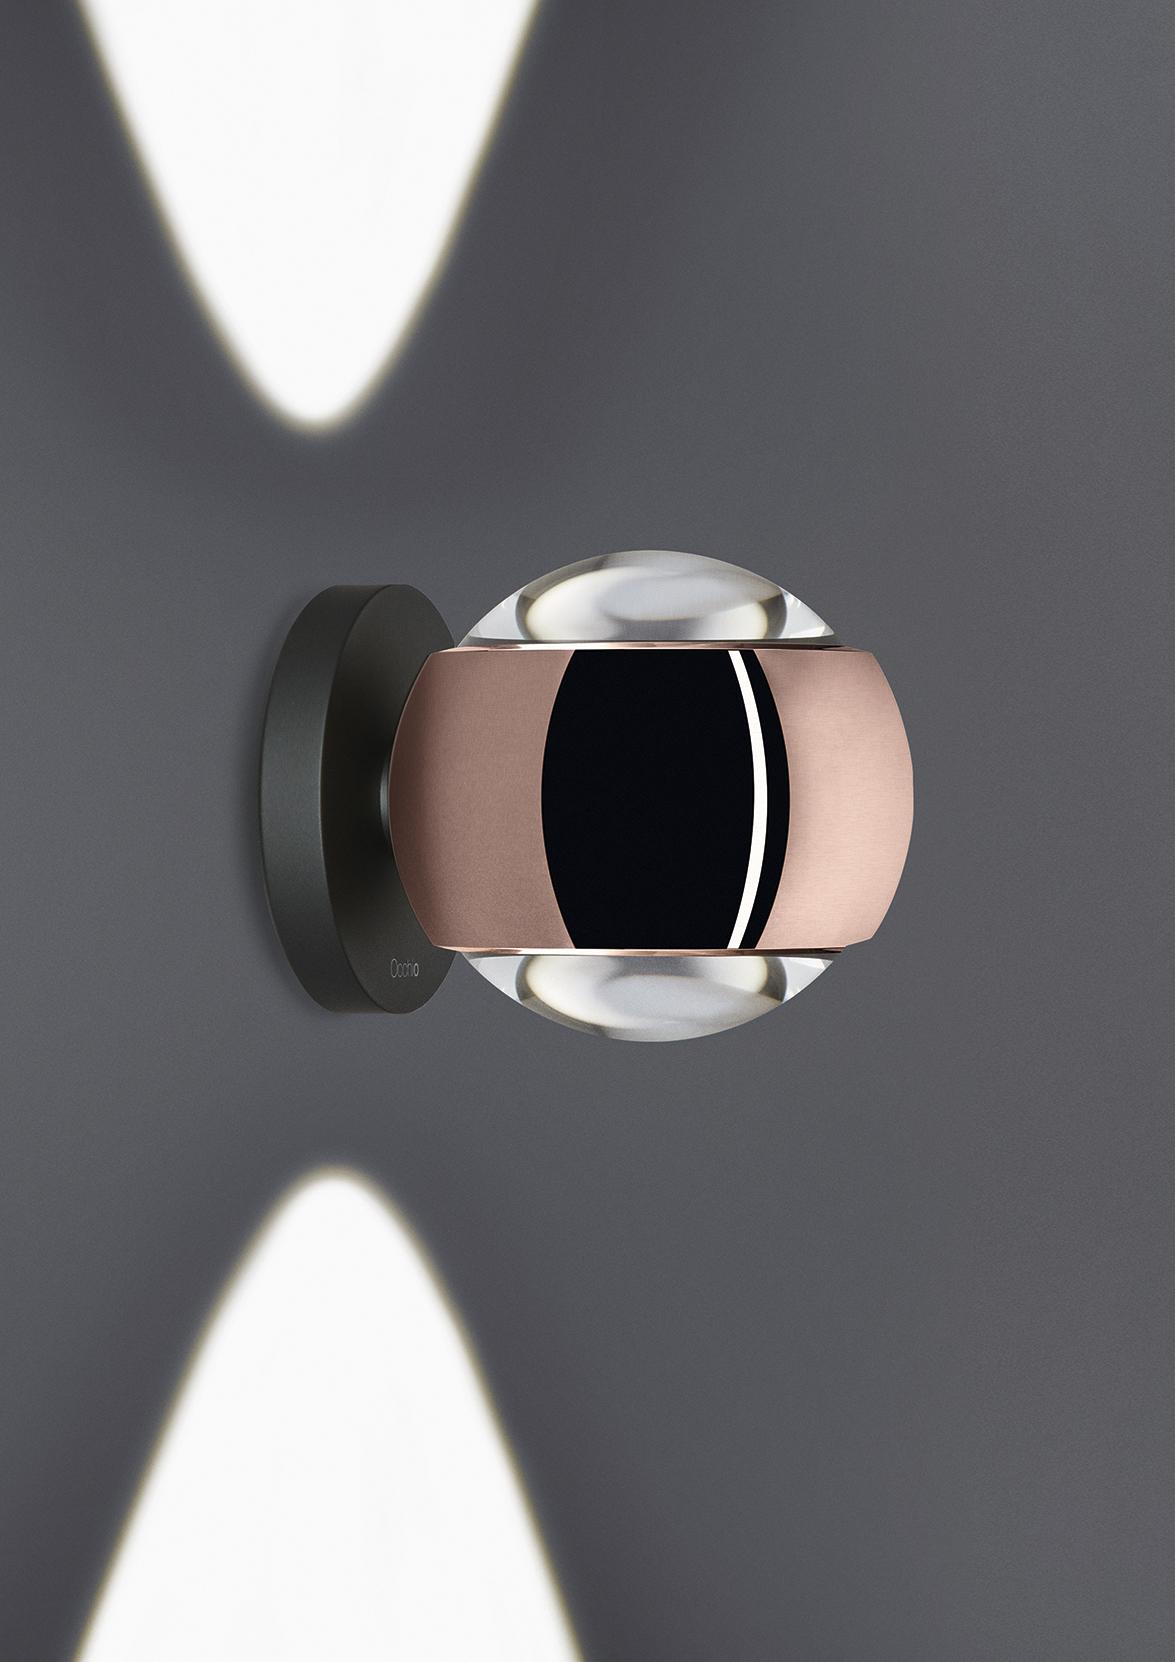 aplique io verticale de occhio elegante compacta y. Black Bedroom Furniture Sets. Home Design Ideas